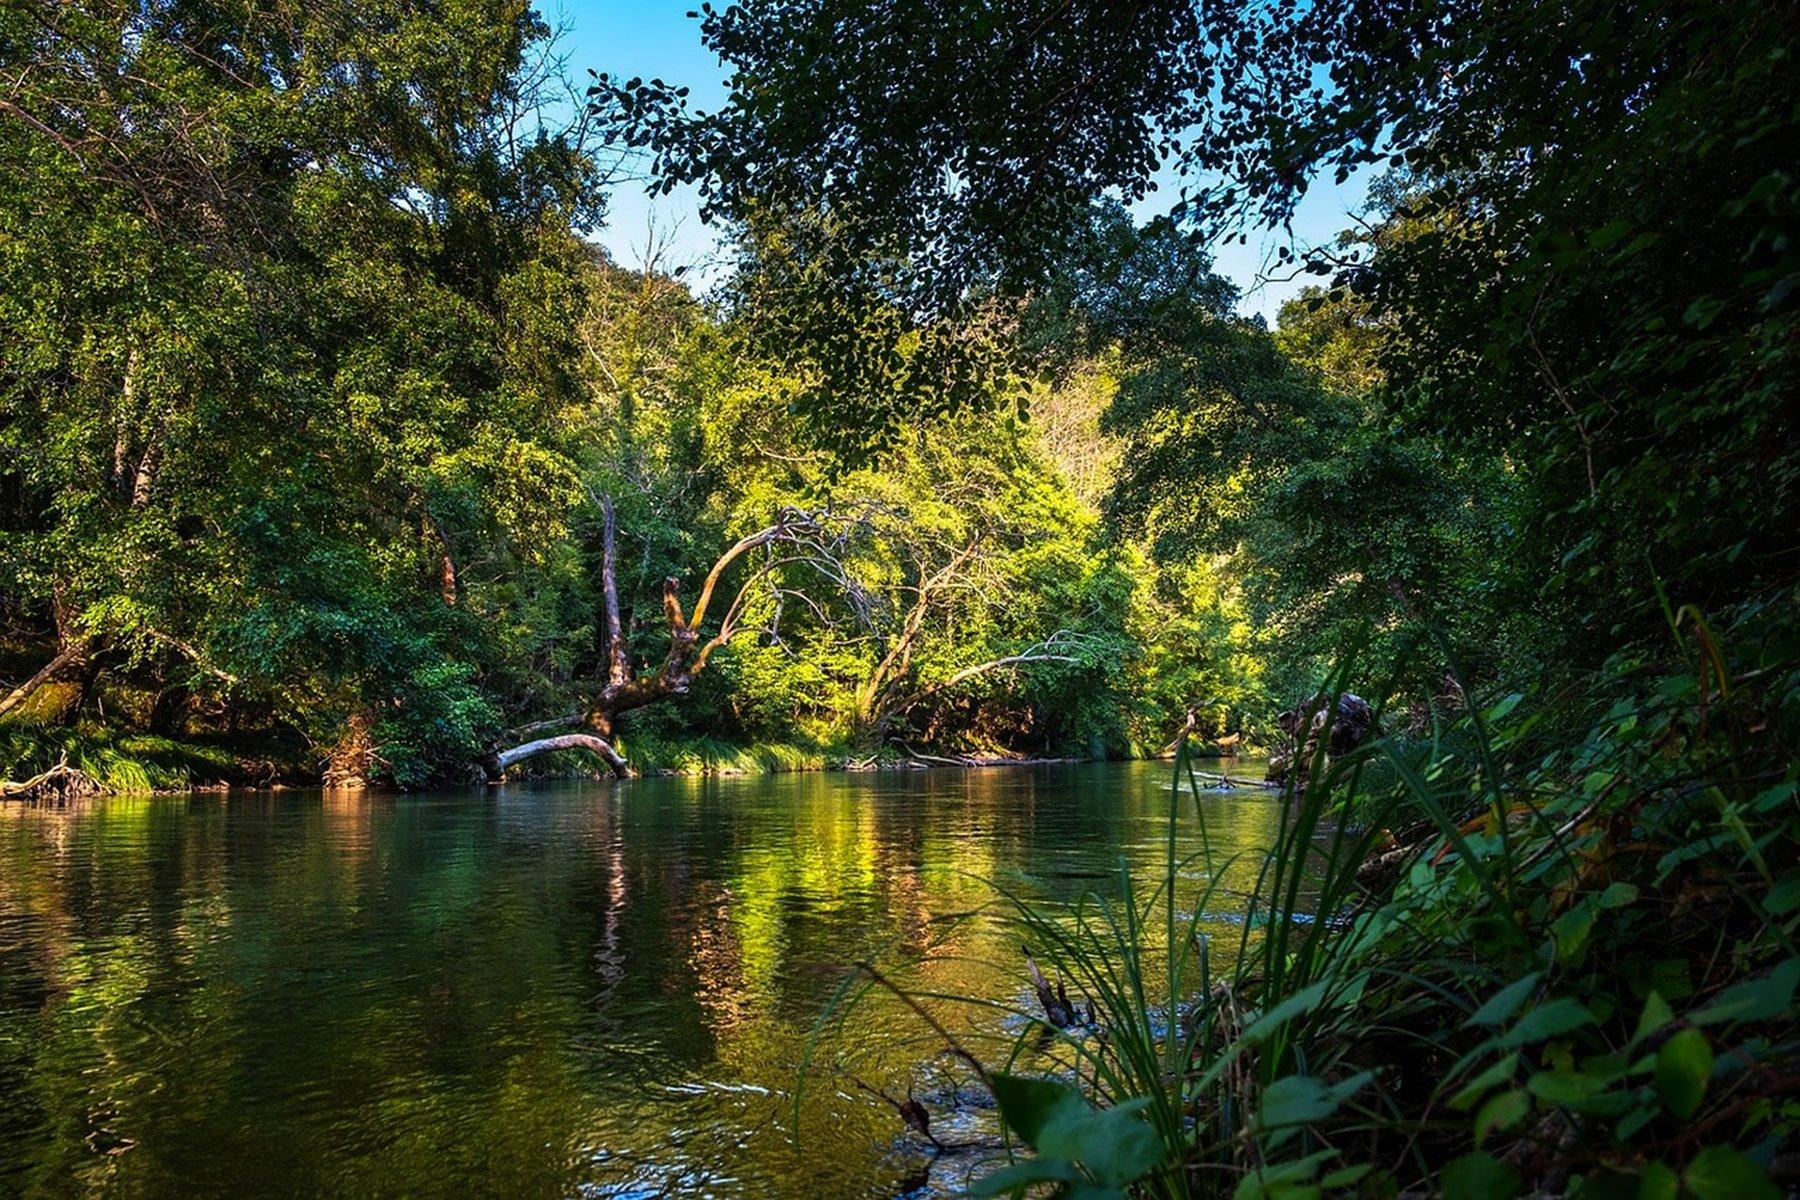 Iquitos Amazon tour